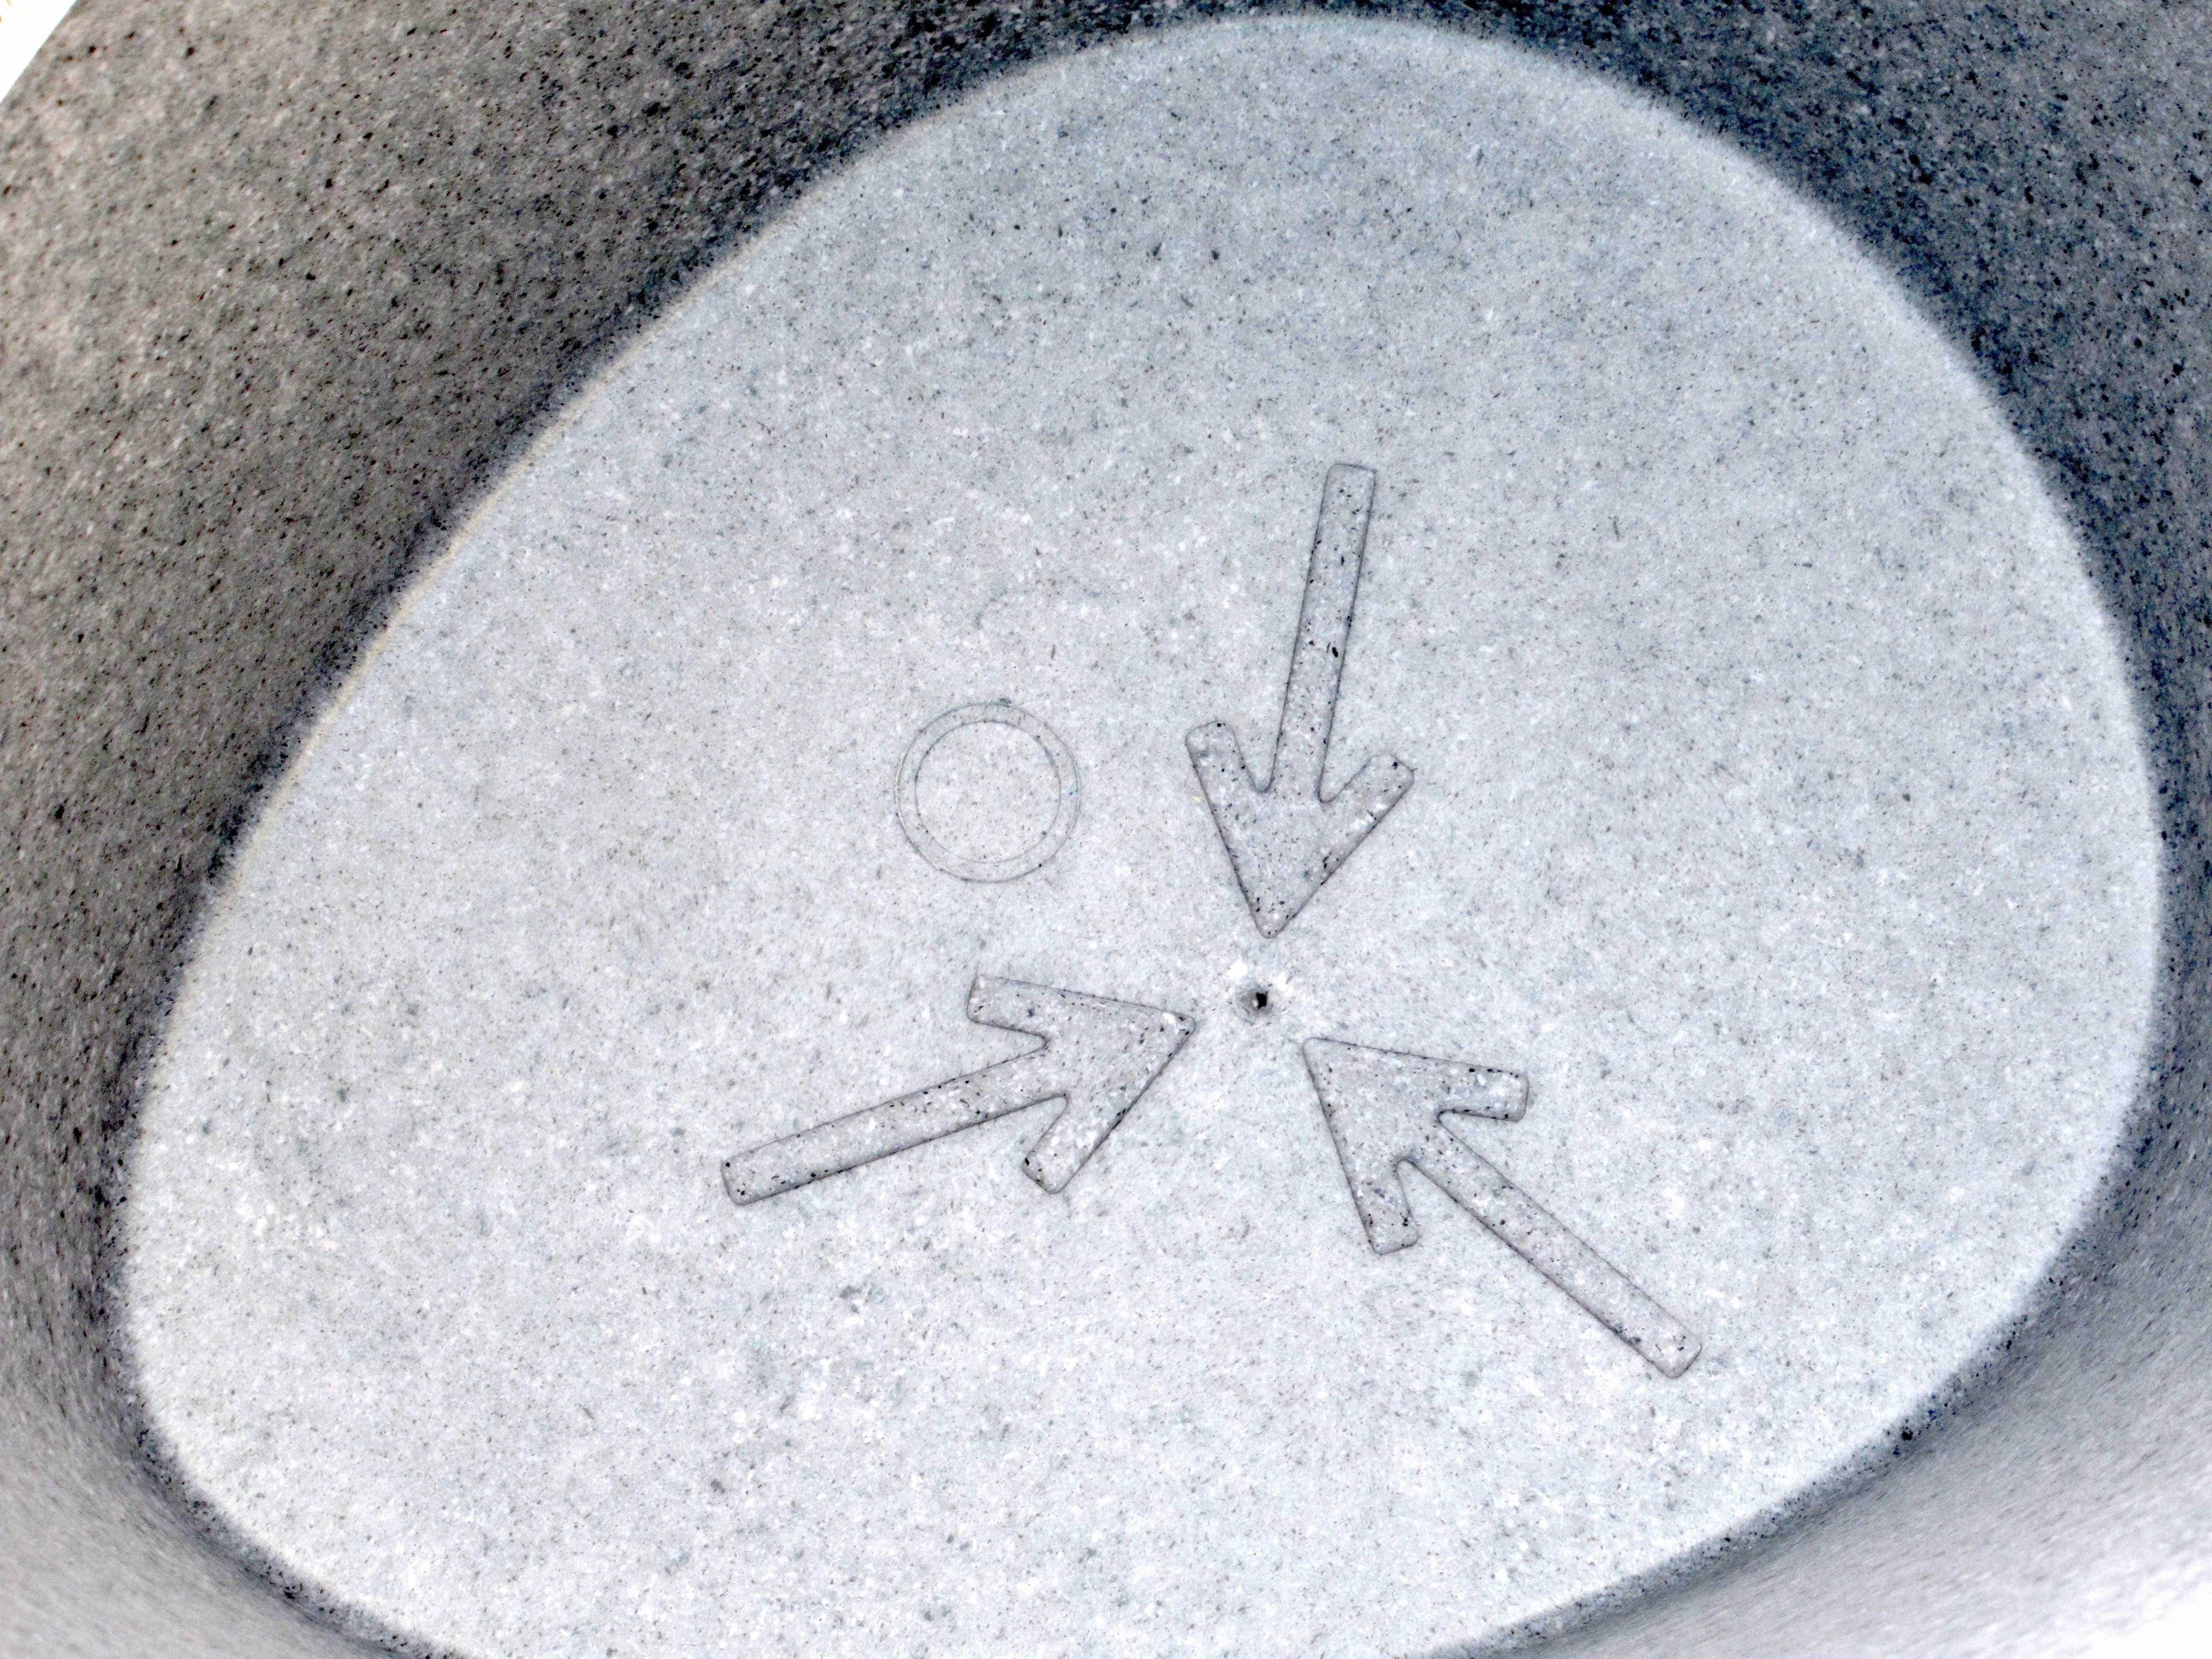 Markering toont waar gaatje geboord mag worden ter ontwatering bloembak bij buitengebruik